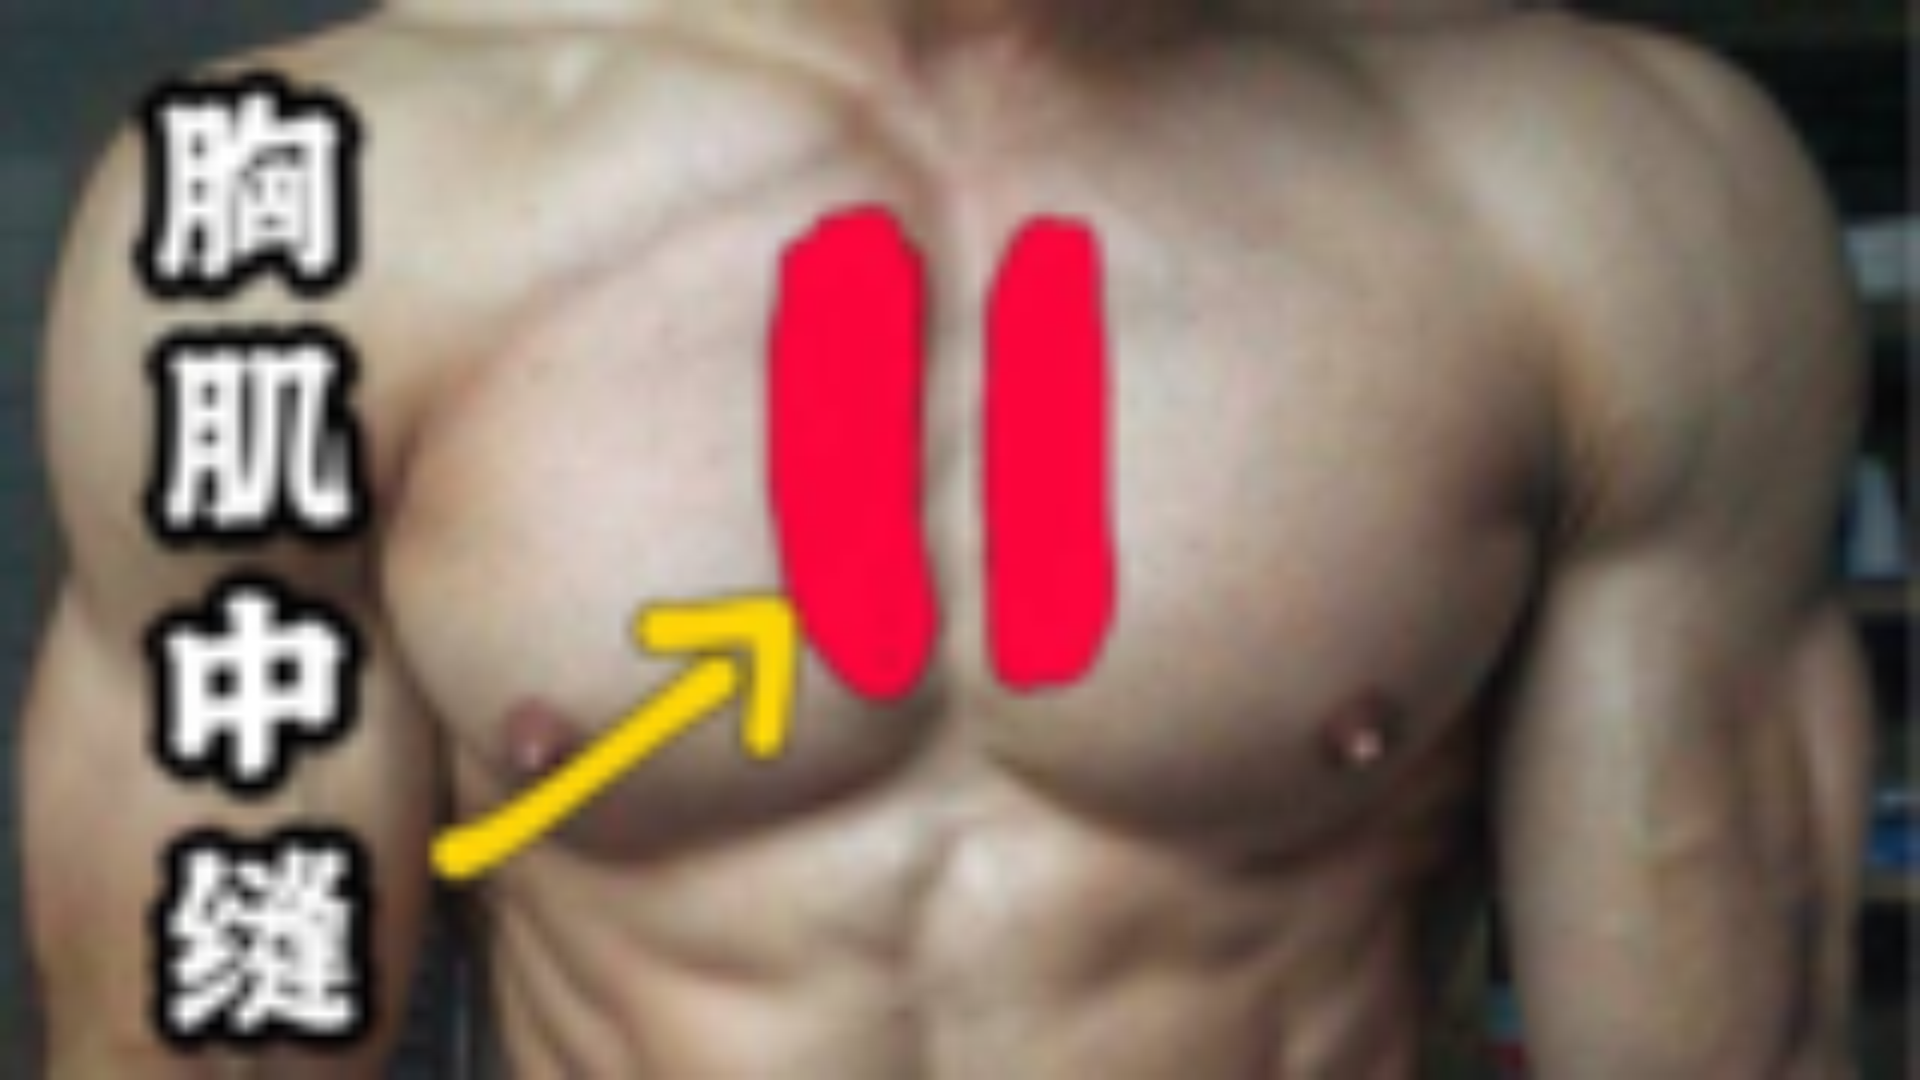 胸肌中缝太薄怎么办?这1招可以加强胸中缝,让你的胸肌更加饱满